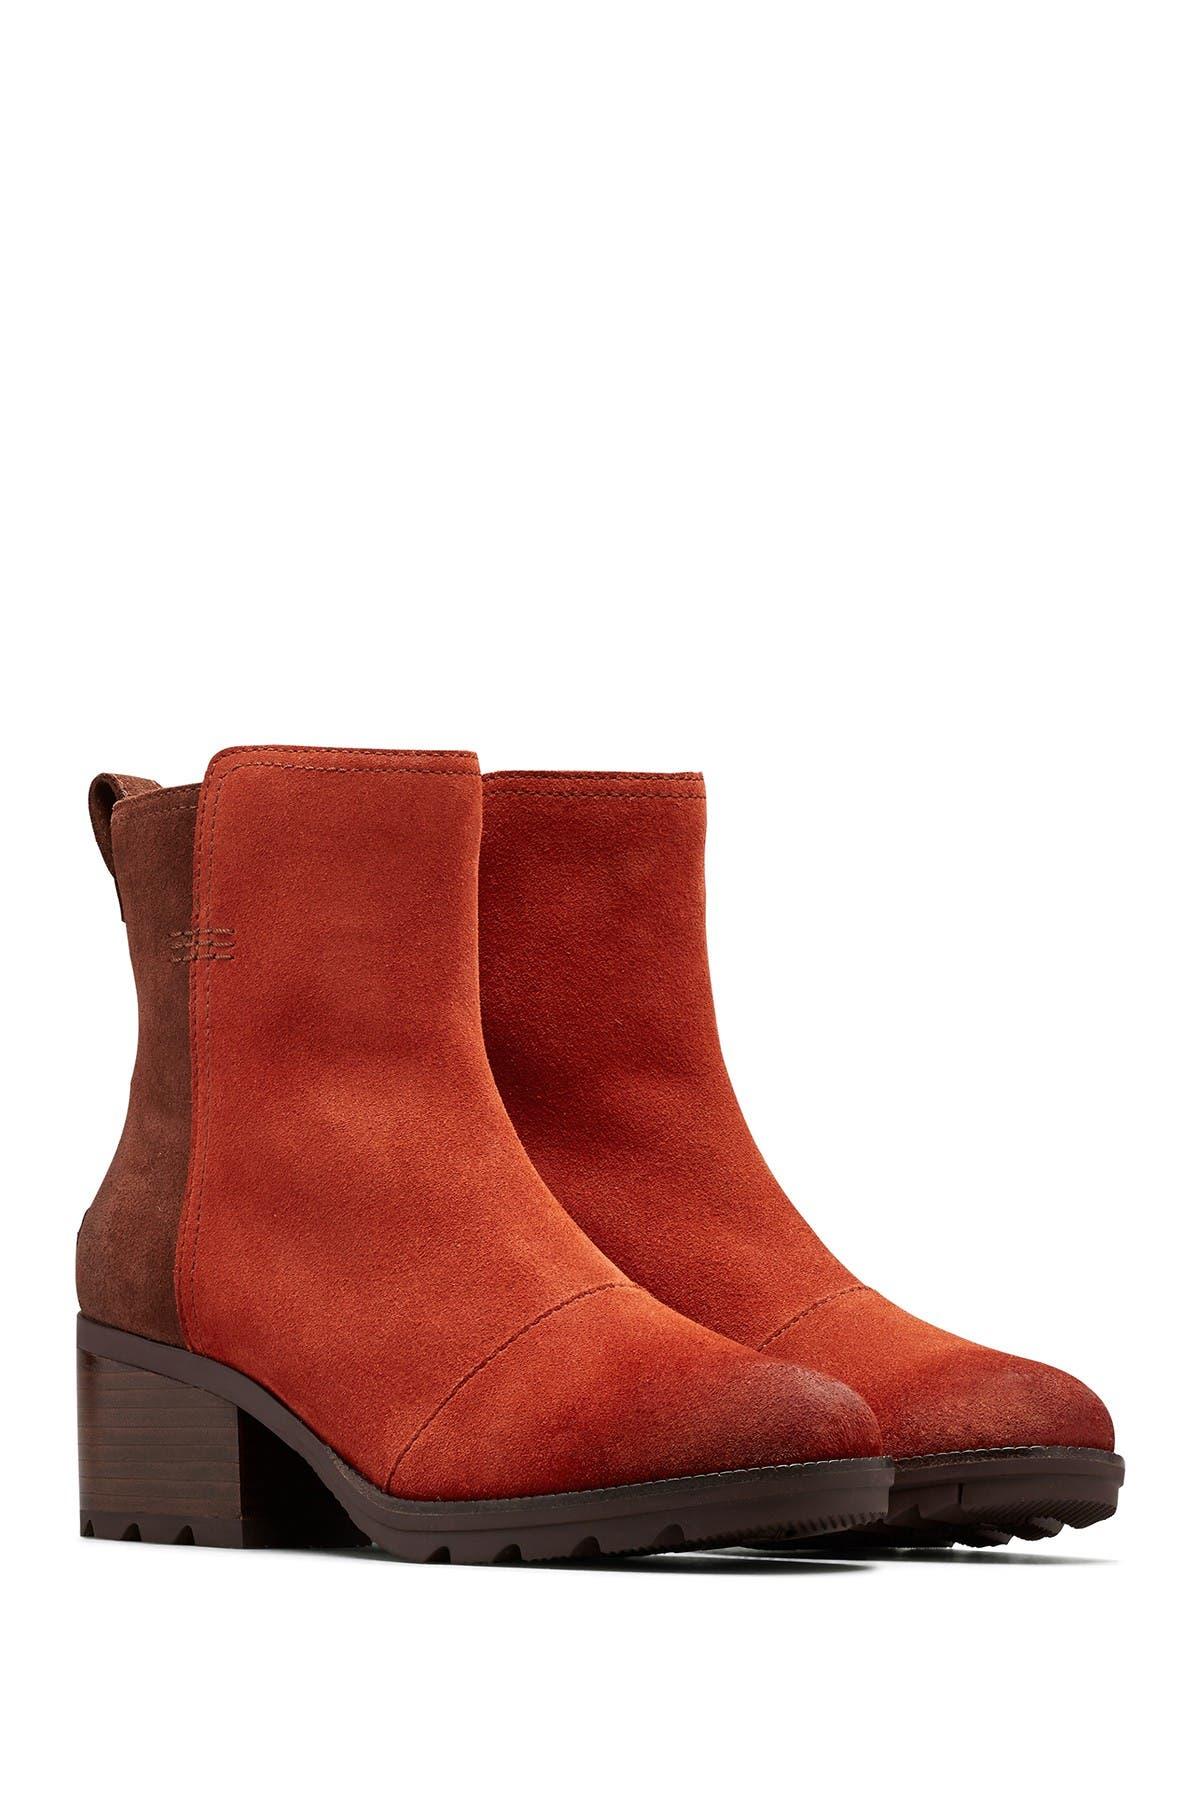 Image of Sorel Cate Waterproof Block Heel Bootie